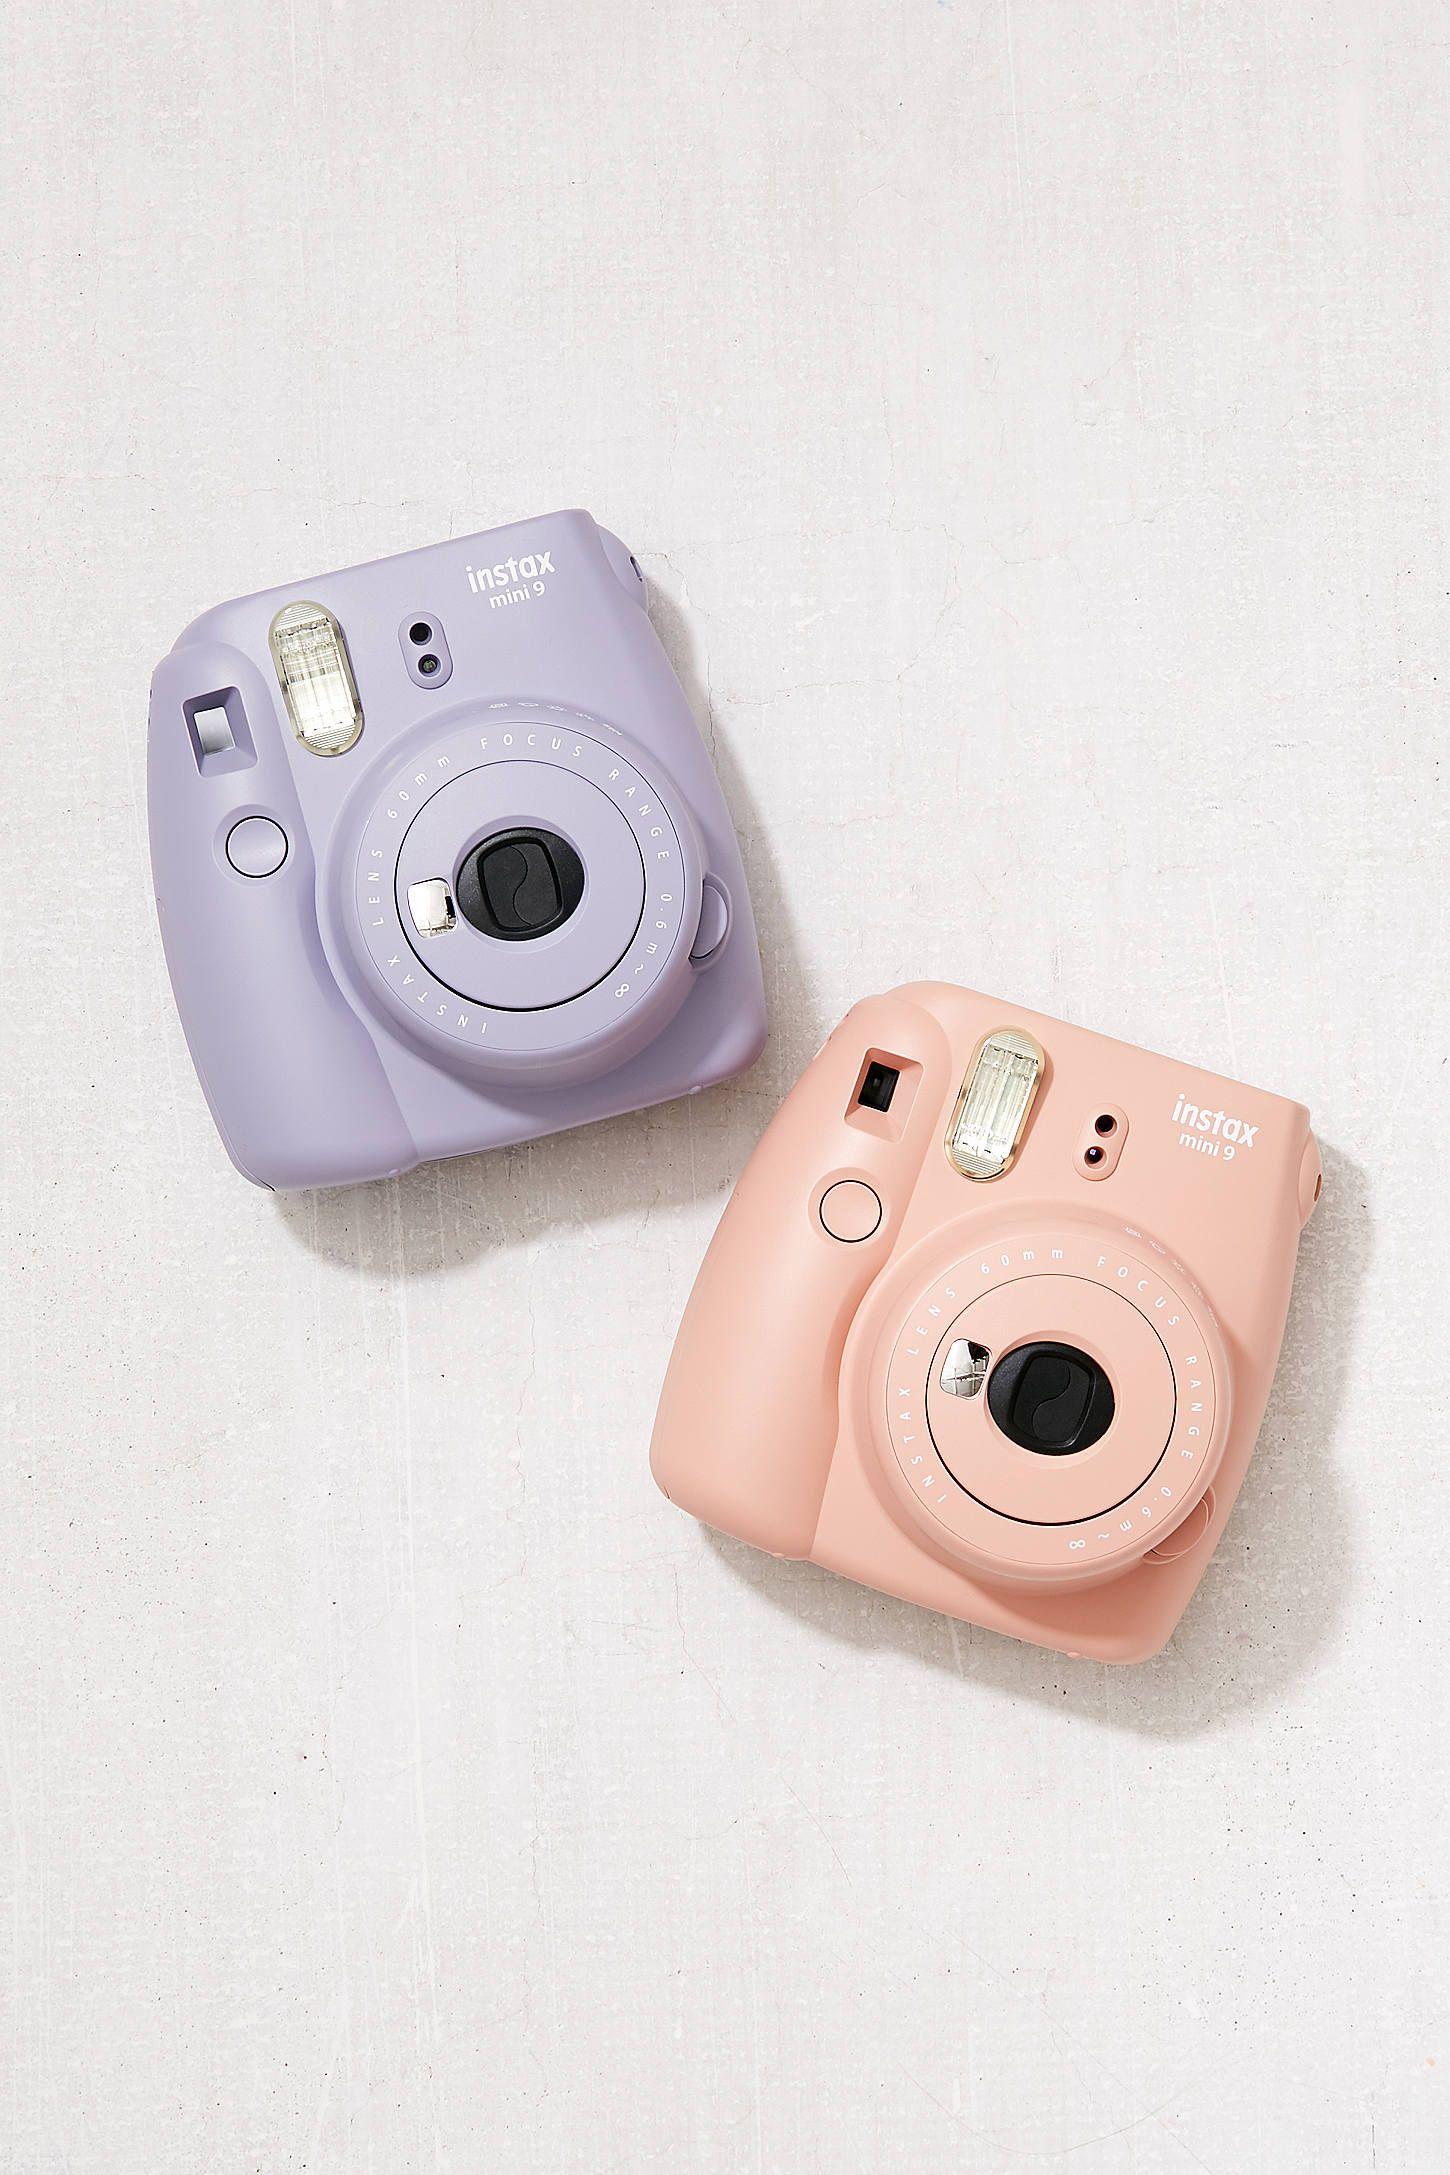 Fujifilm Uo Exclusive Instax Mini 9 Instant Camera Fujifilm Instax Instant Camera Instax